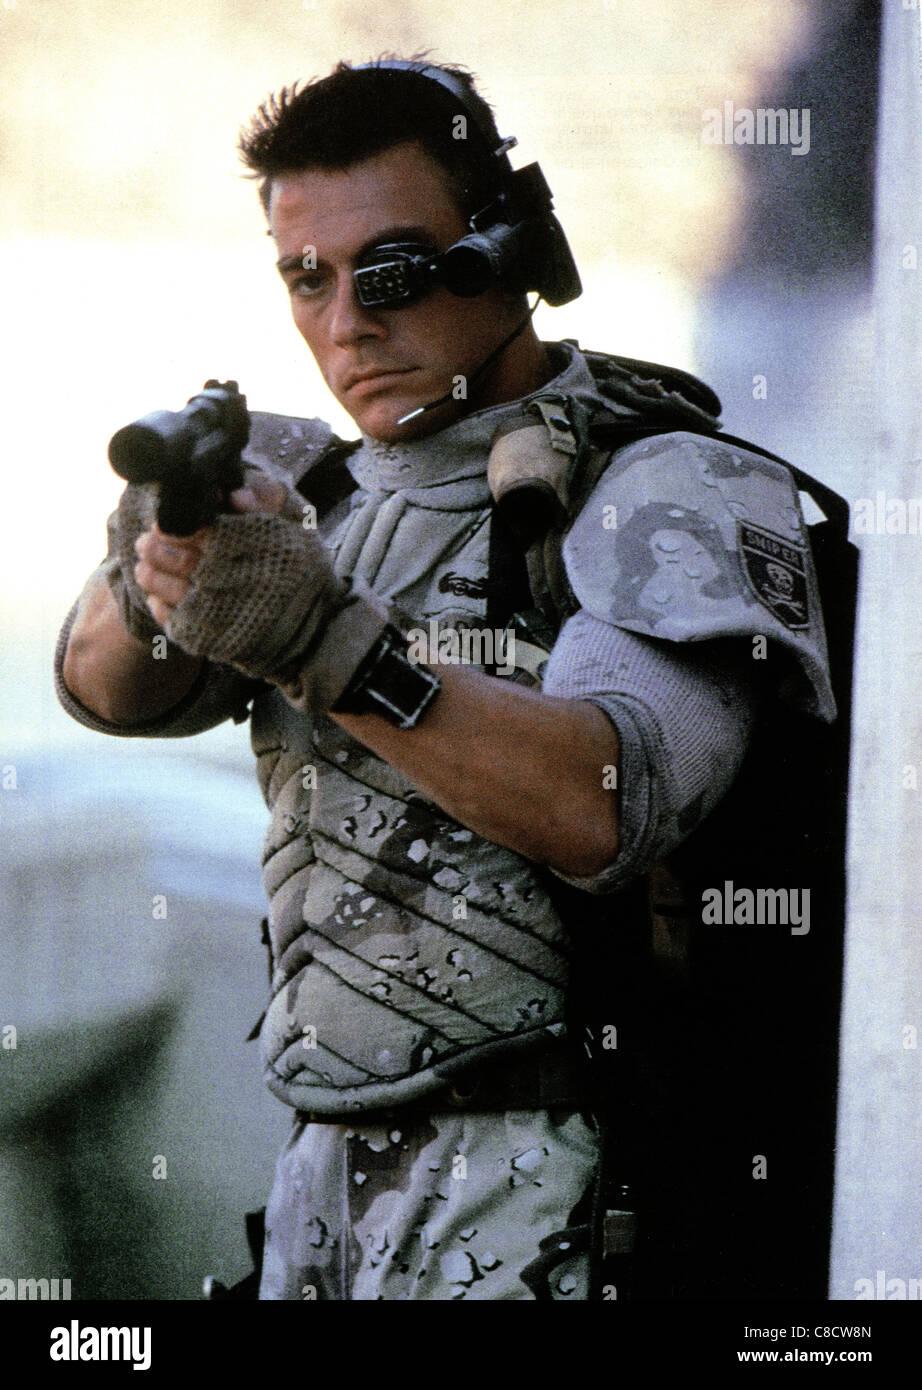 Damme Soldier1992 Claude Photo Stock Universal Jean Van T15ulKJc3F